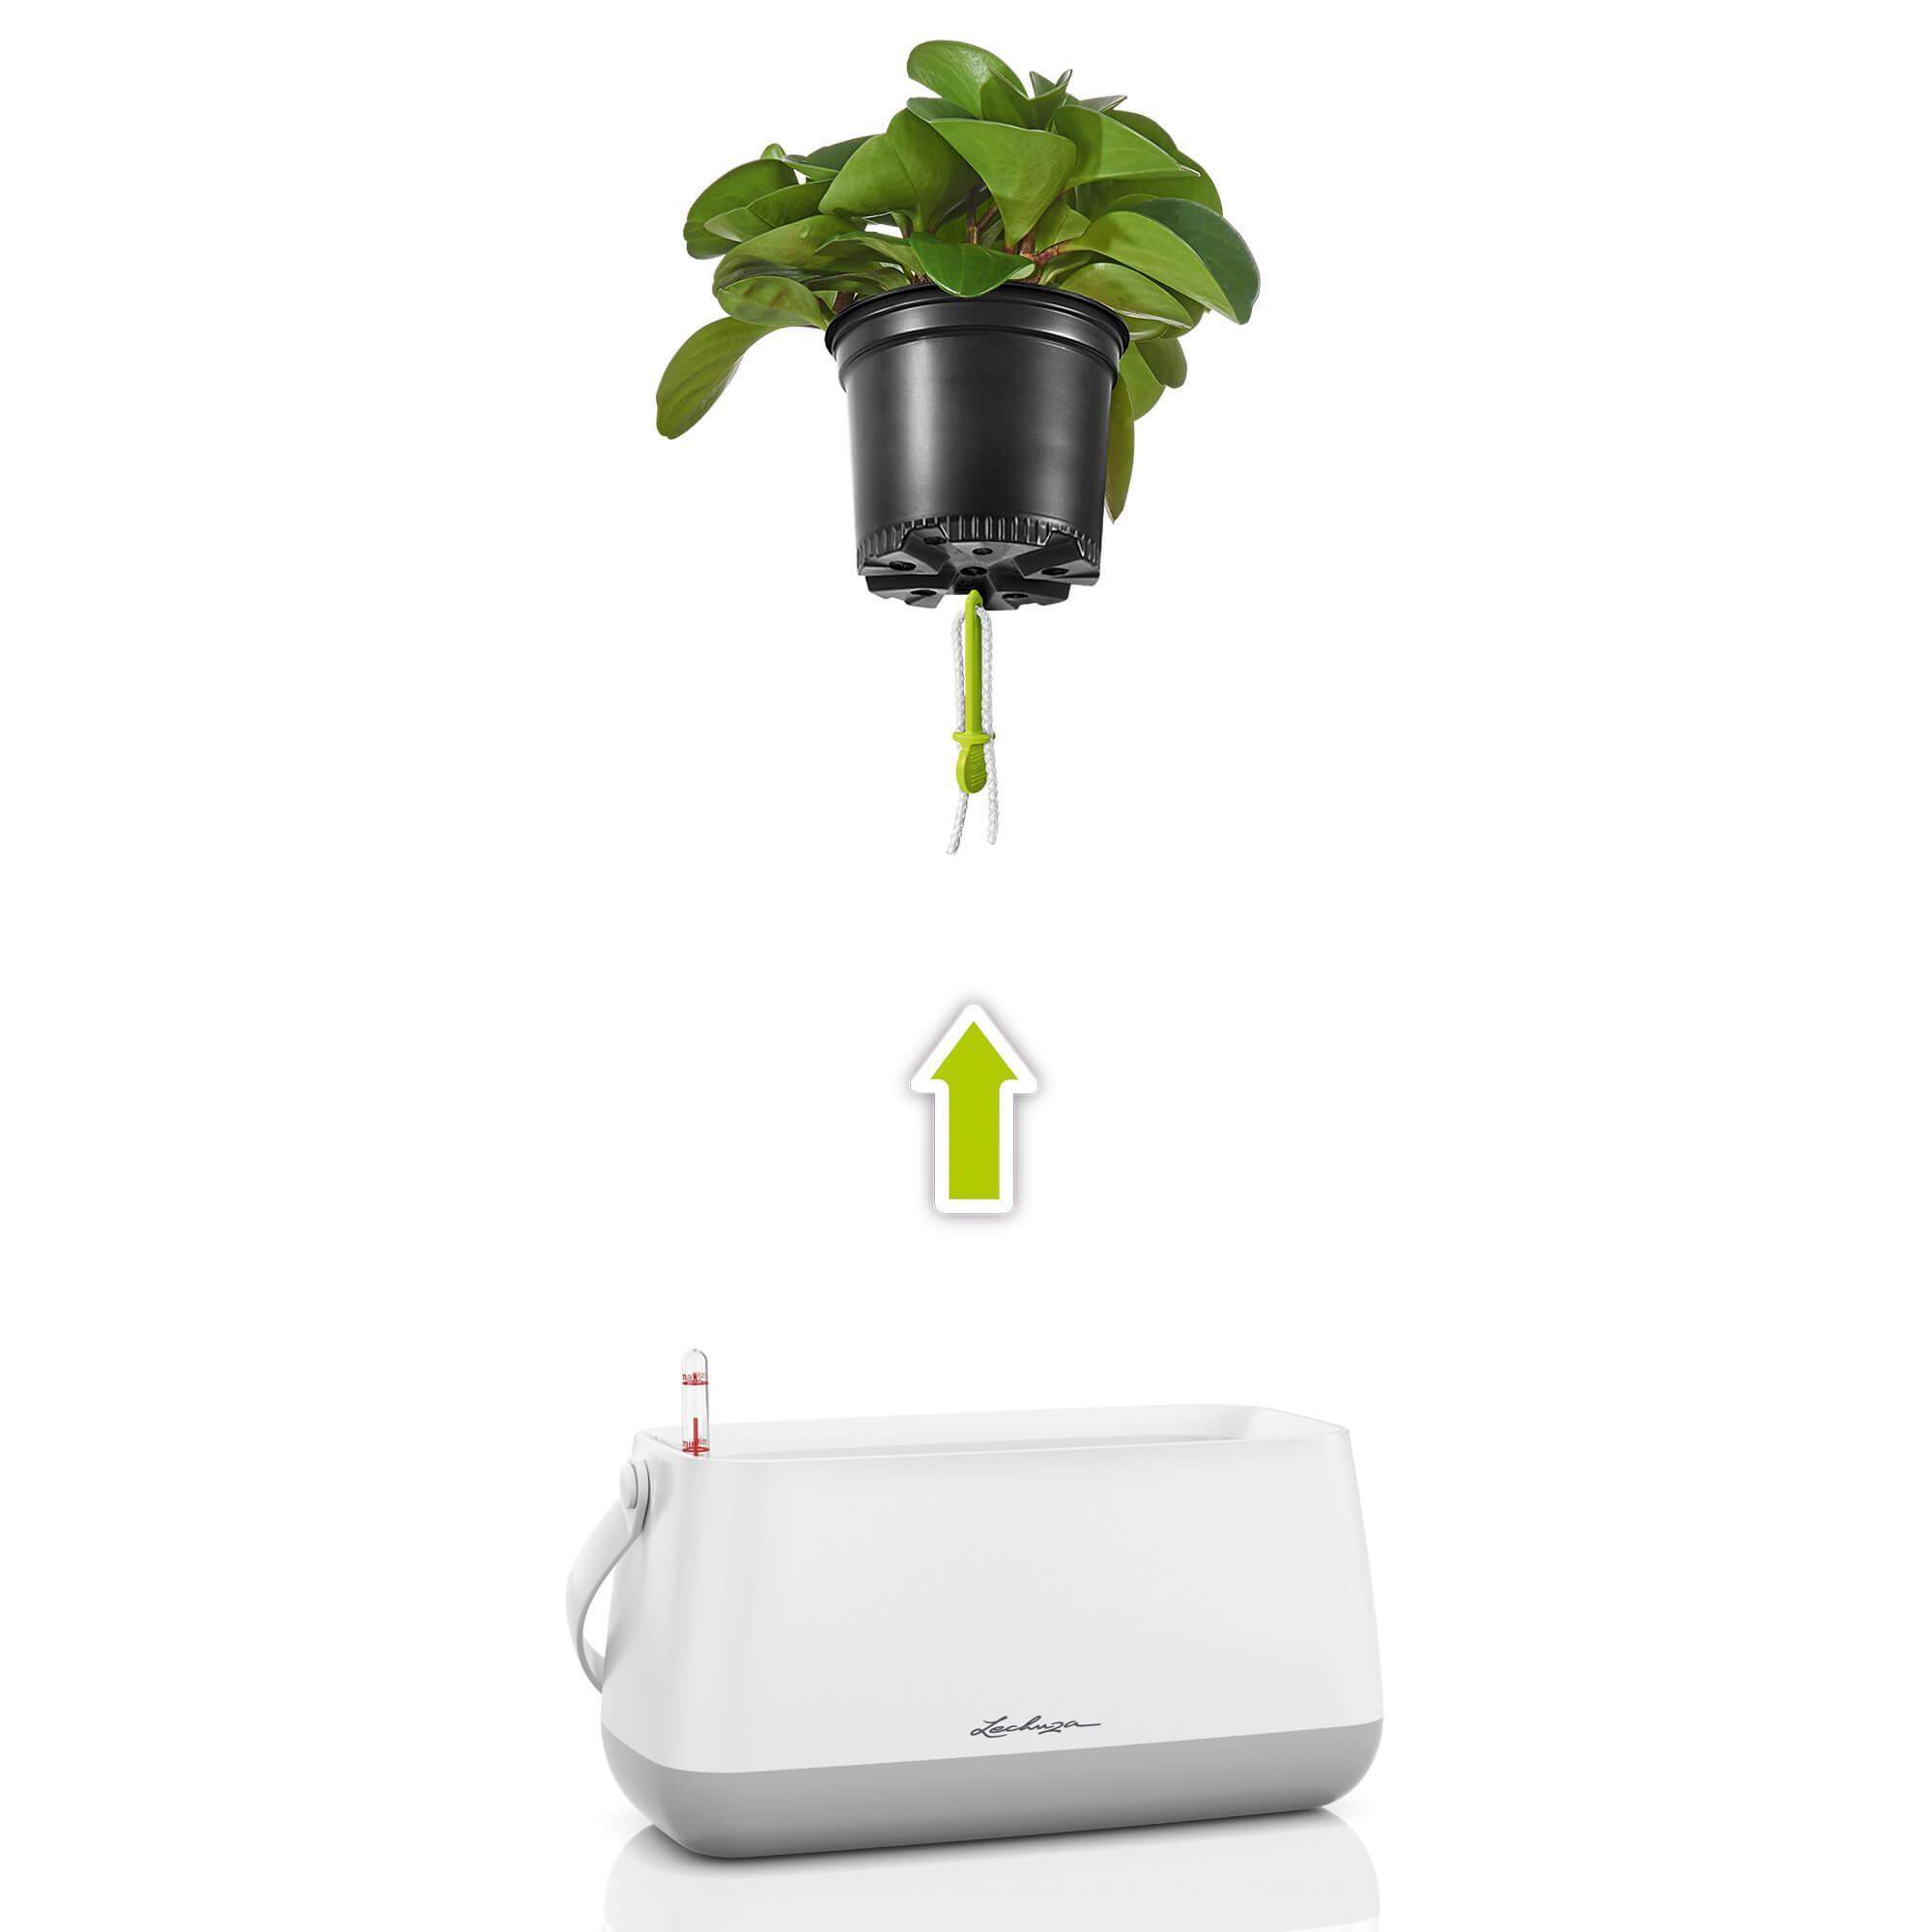 Корзинка для растений YULA белый/фисташковый - изображение 3